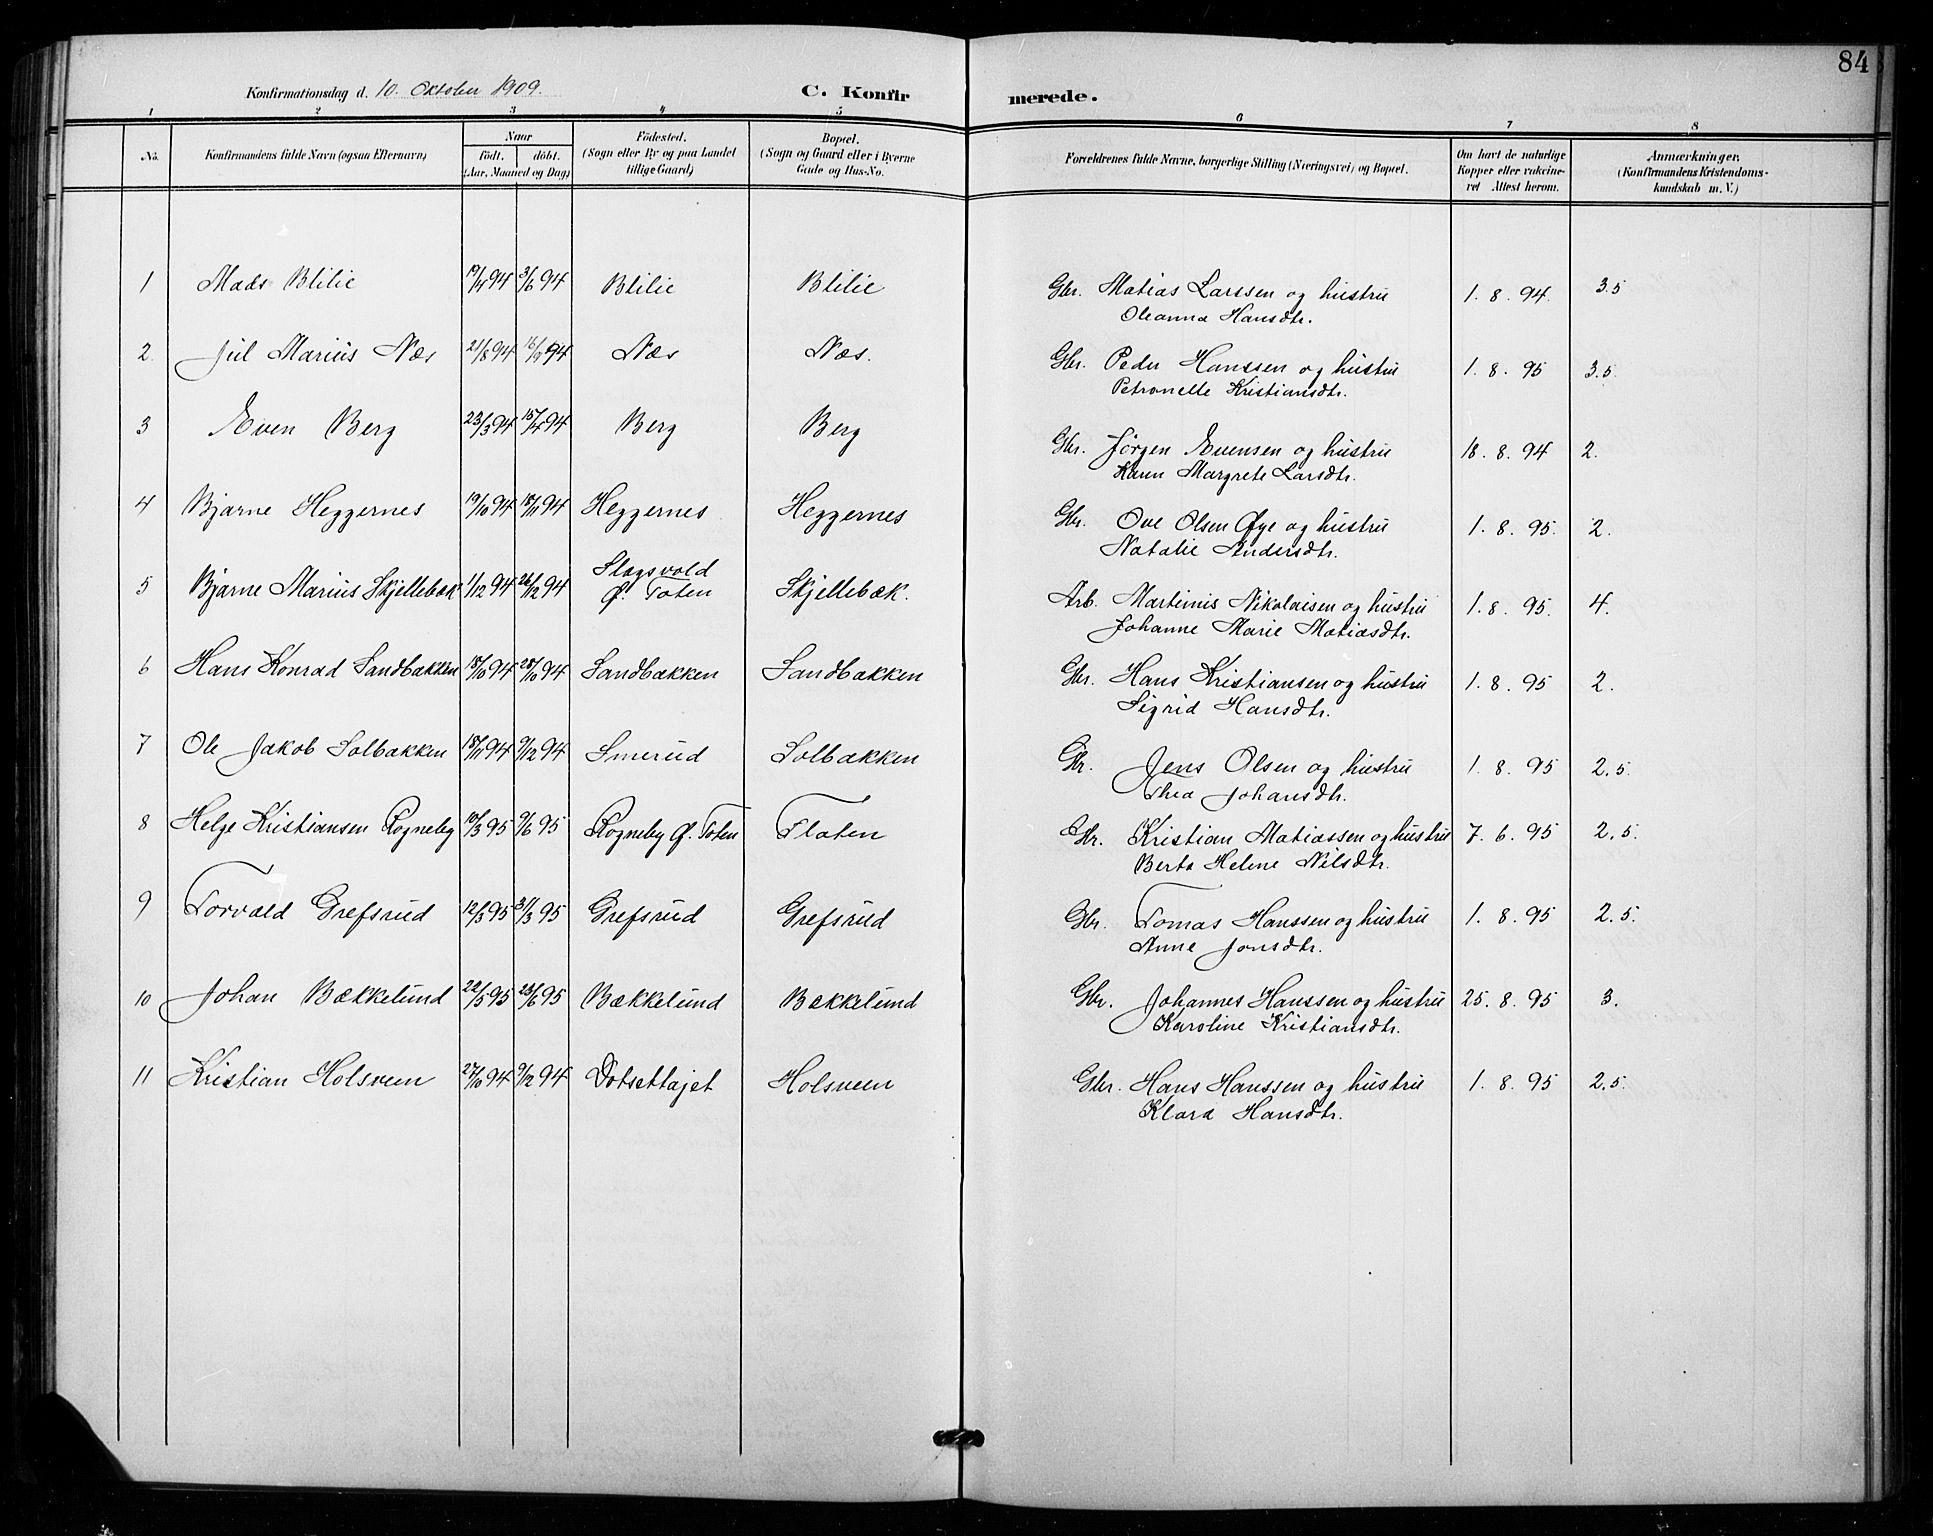 SAH, Vestre Toten prestekontor, H/Ha/Hab/L0016: Klokkerbok nr. 16, 1901-1915, s. 84